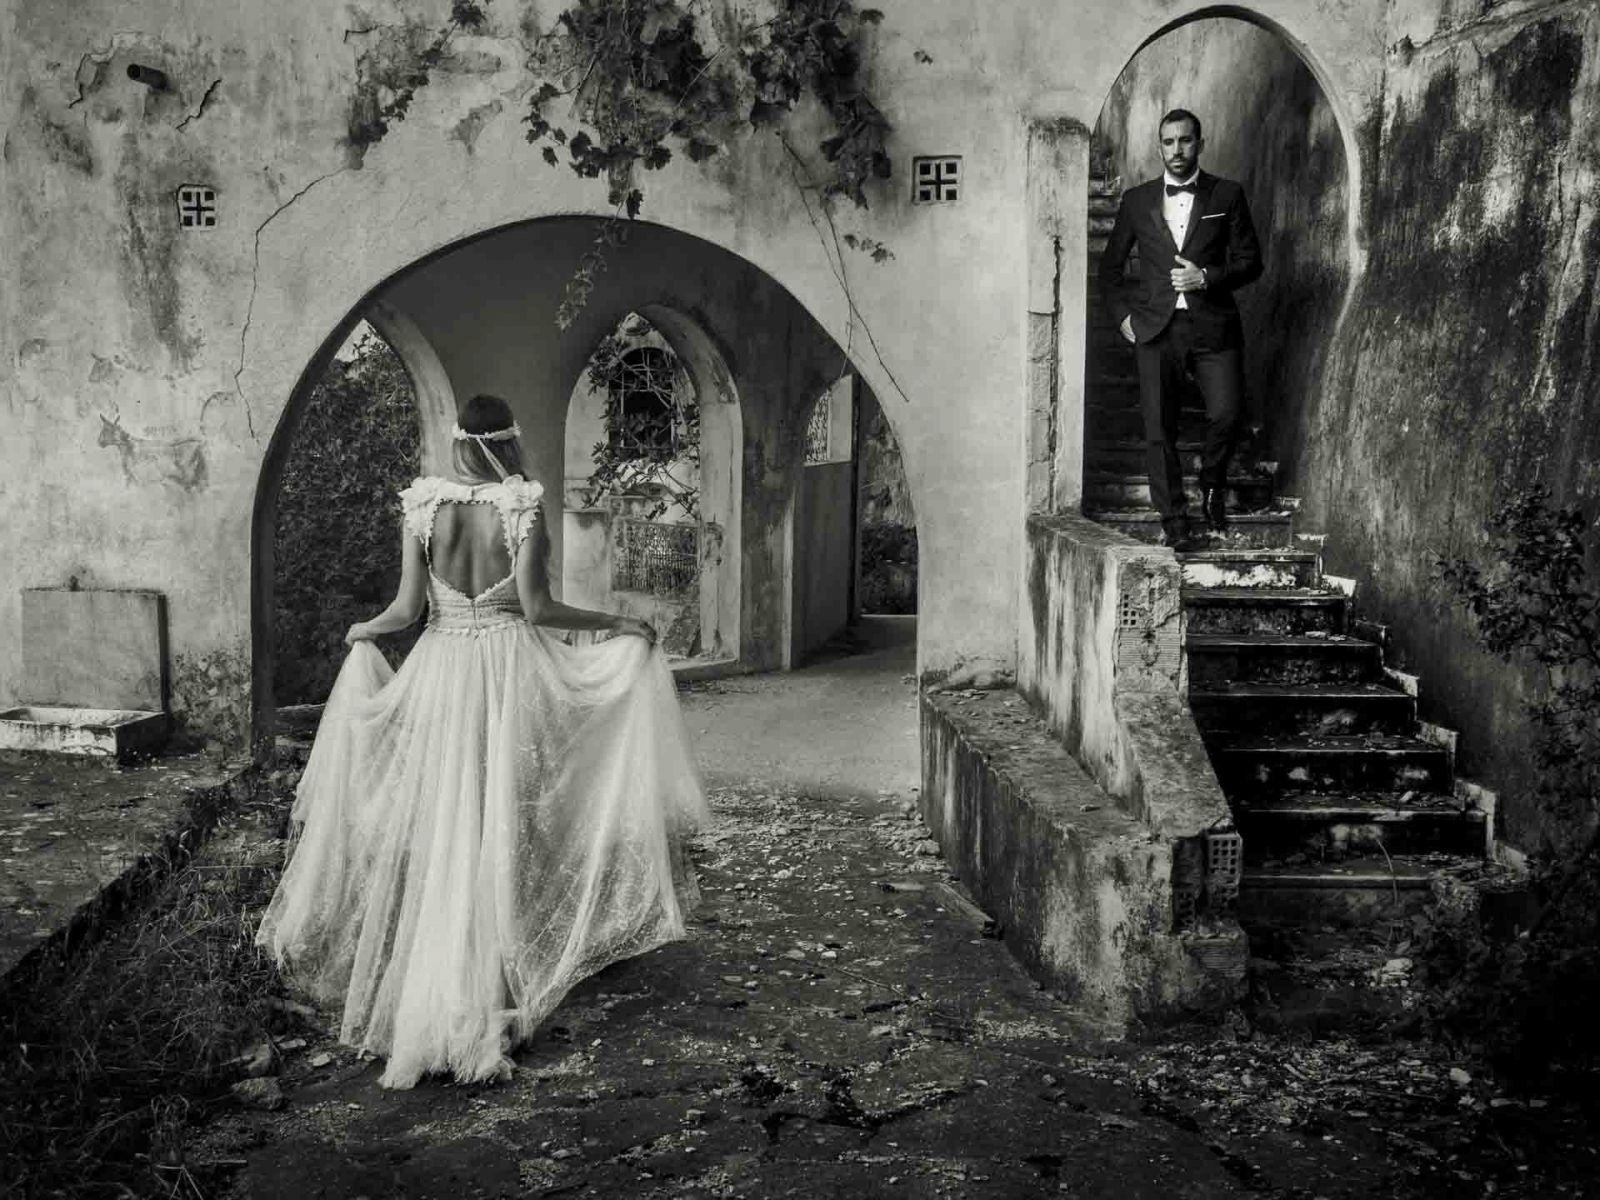 Những bức ảnh đẹp của ở SLR Lounge | 50mm Vietnam Official Site